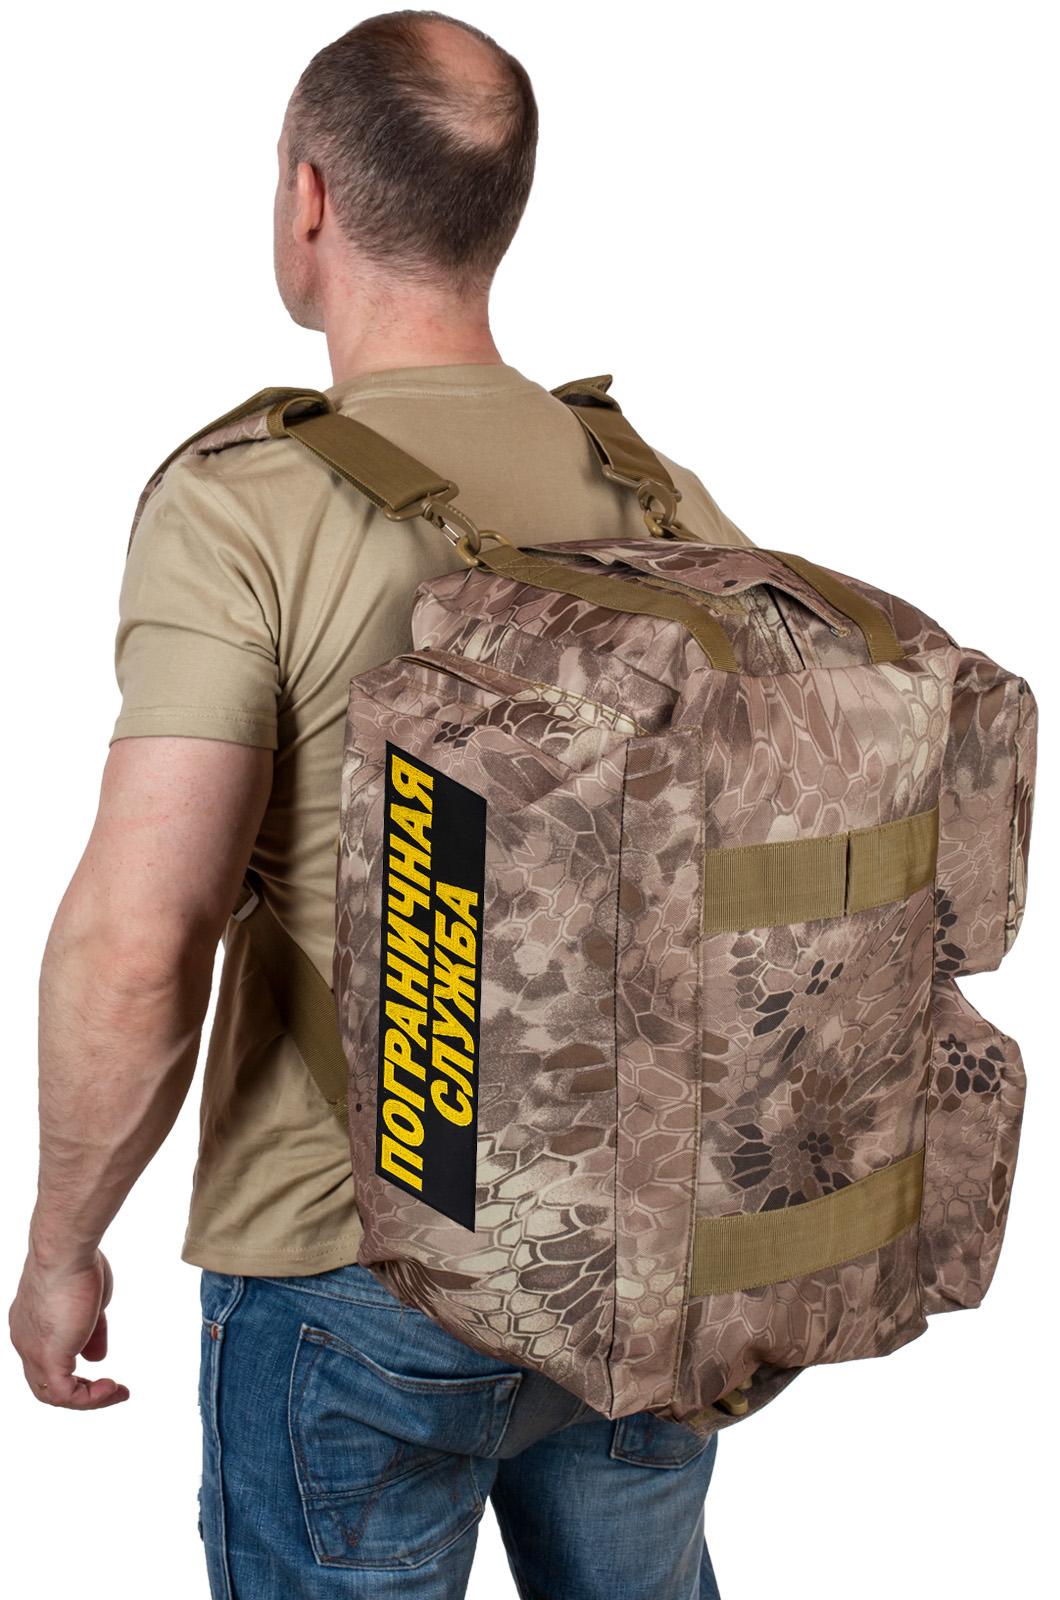 Купить военную дорожную сумку ПС (камуфляж Kryptek Nomad) по лучшей цене